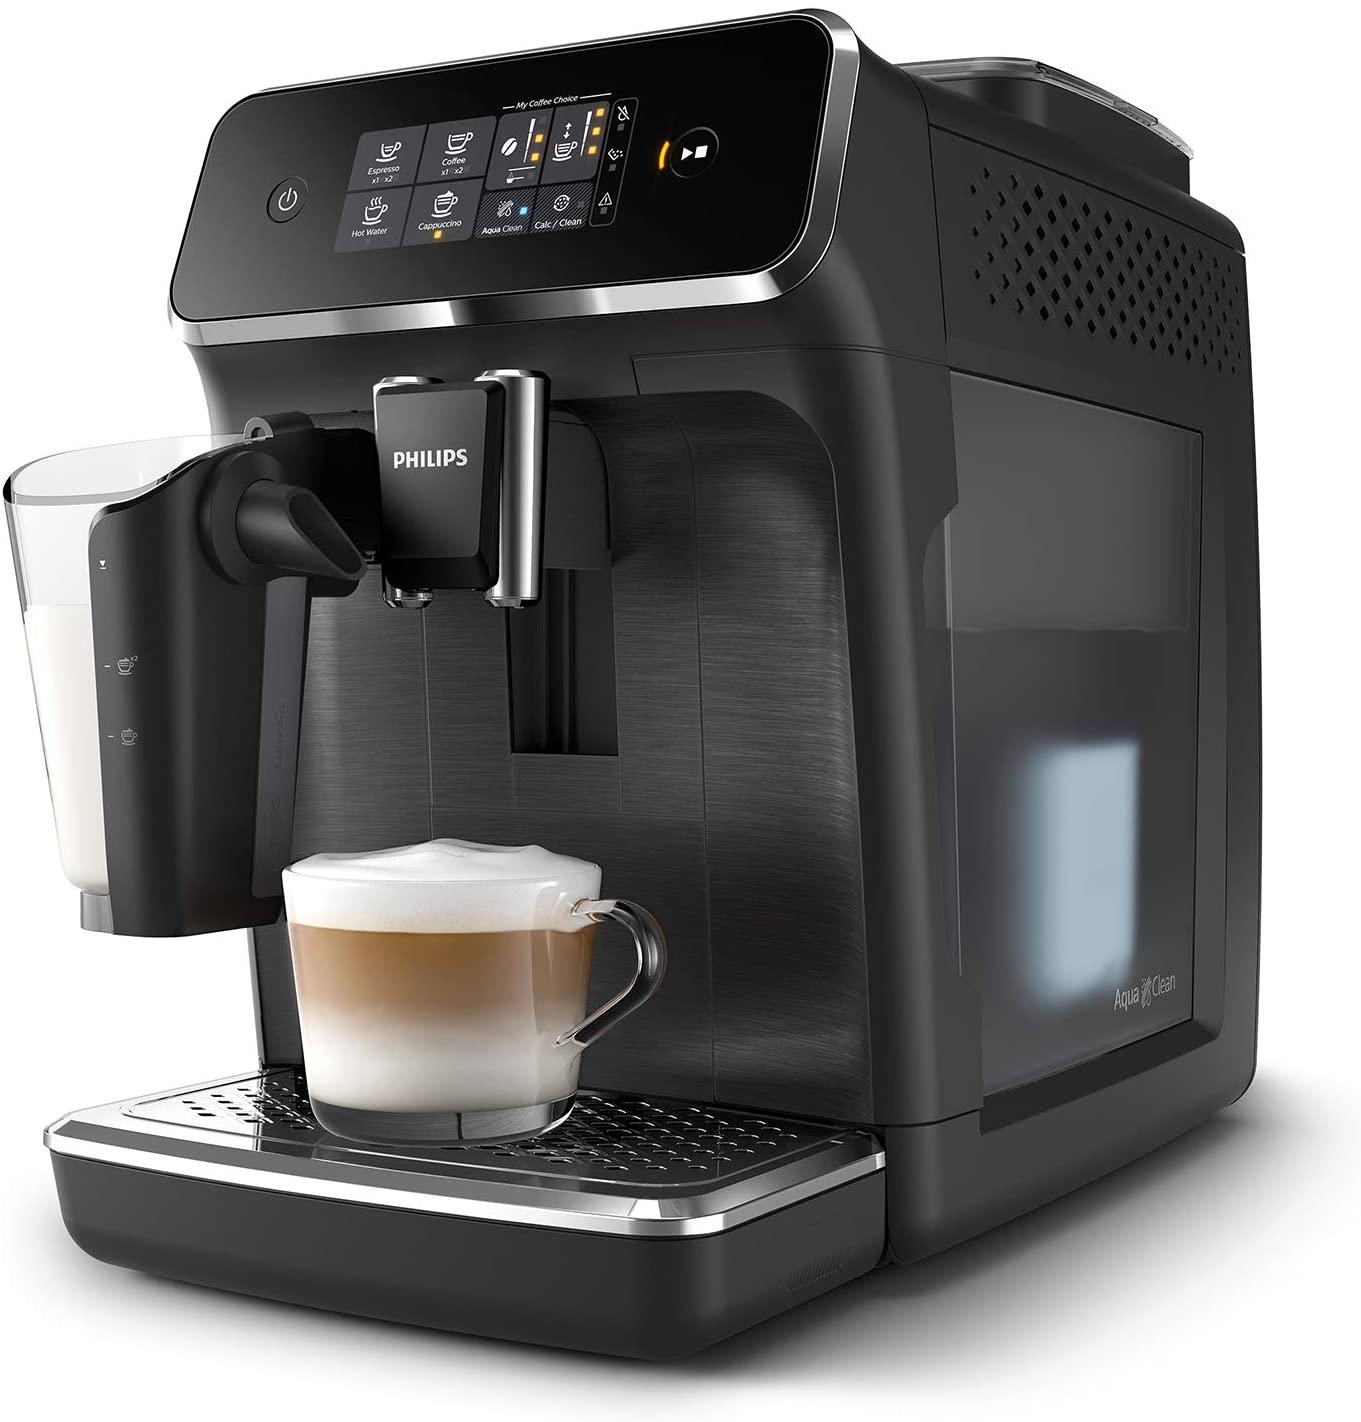 Philips 2200 Serie EP2232/40 Kaffeevollautomat, 3 Kaffeespezialitäten (LatteGo Milchsystem)